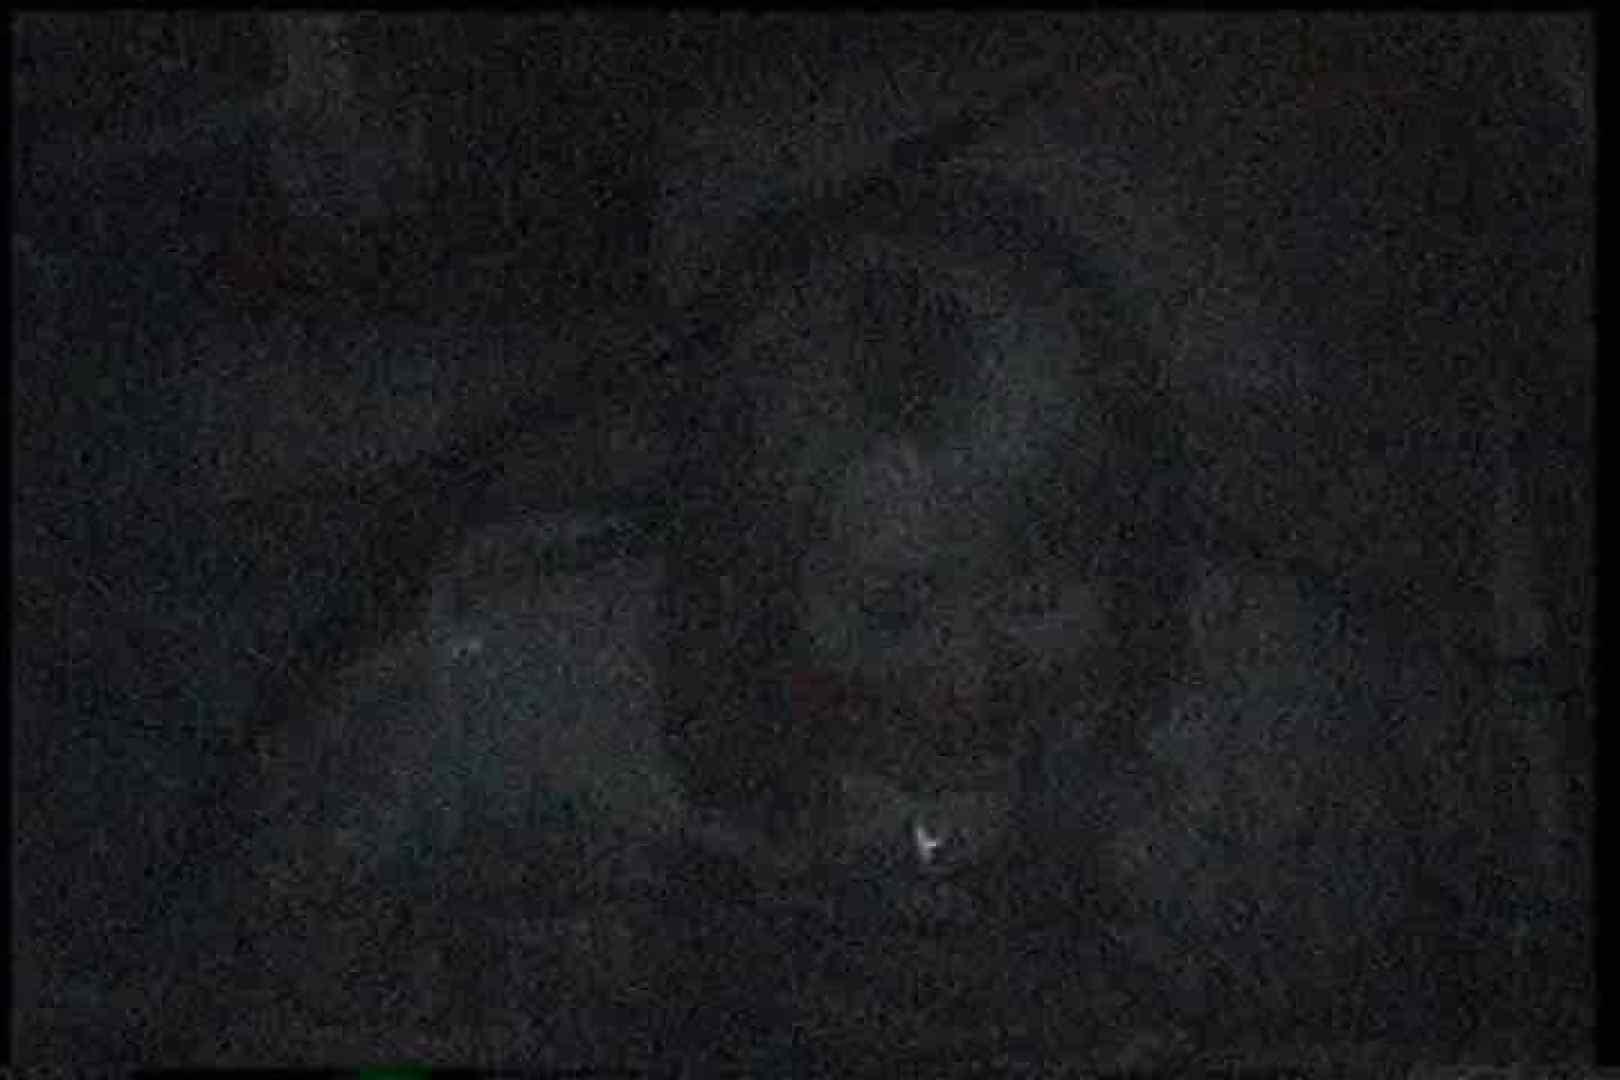 充血監督の深夜の運動会Vol.164 OLエロ画像  65PICs 50